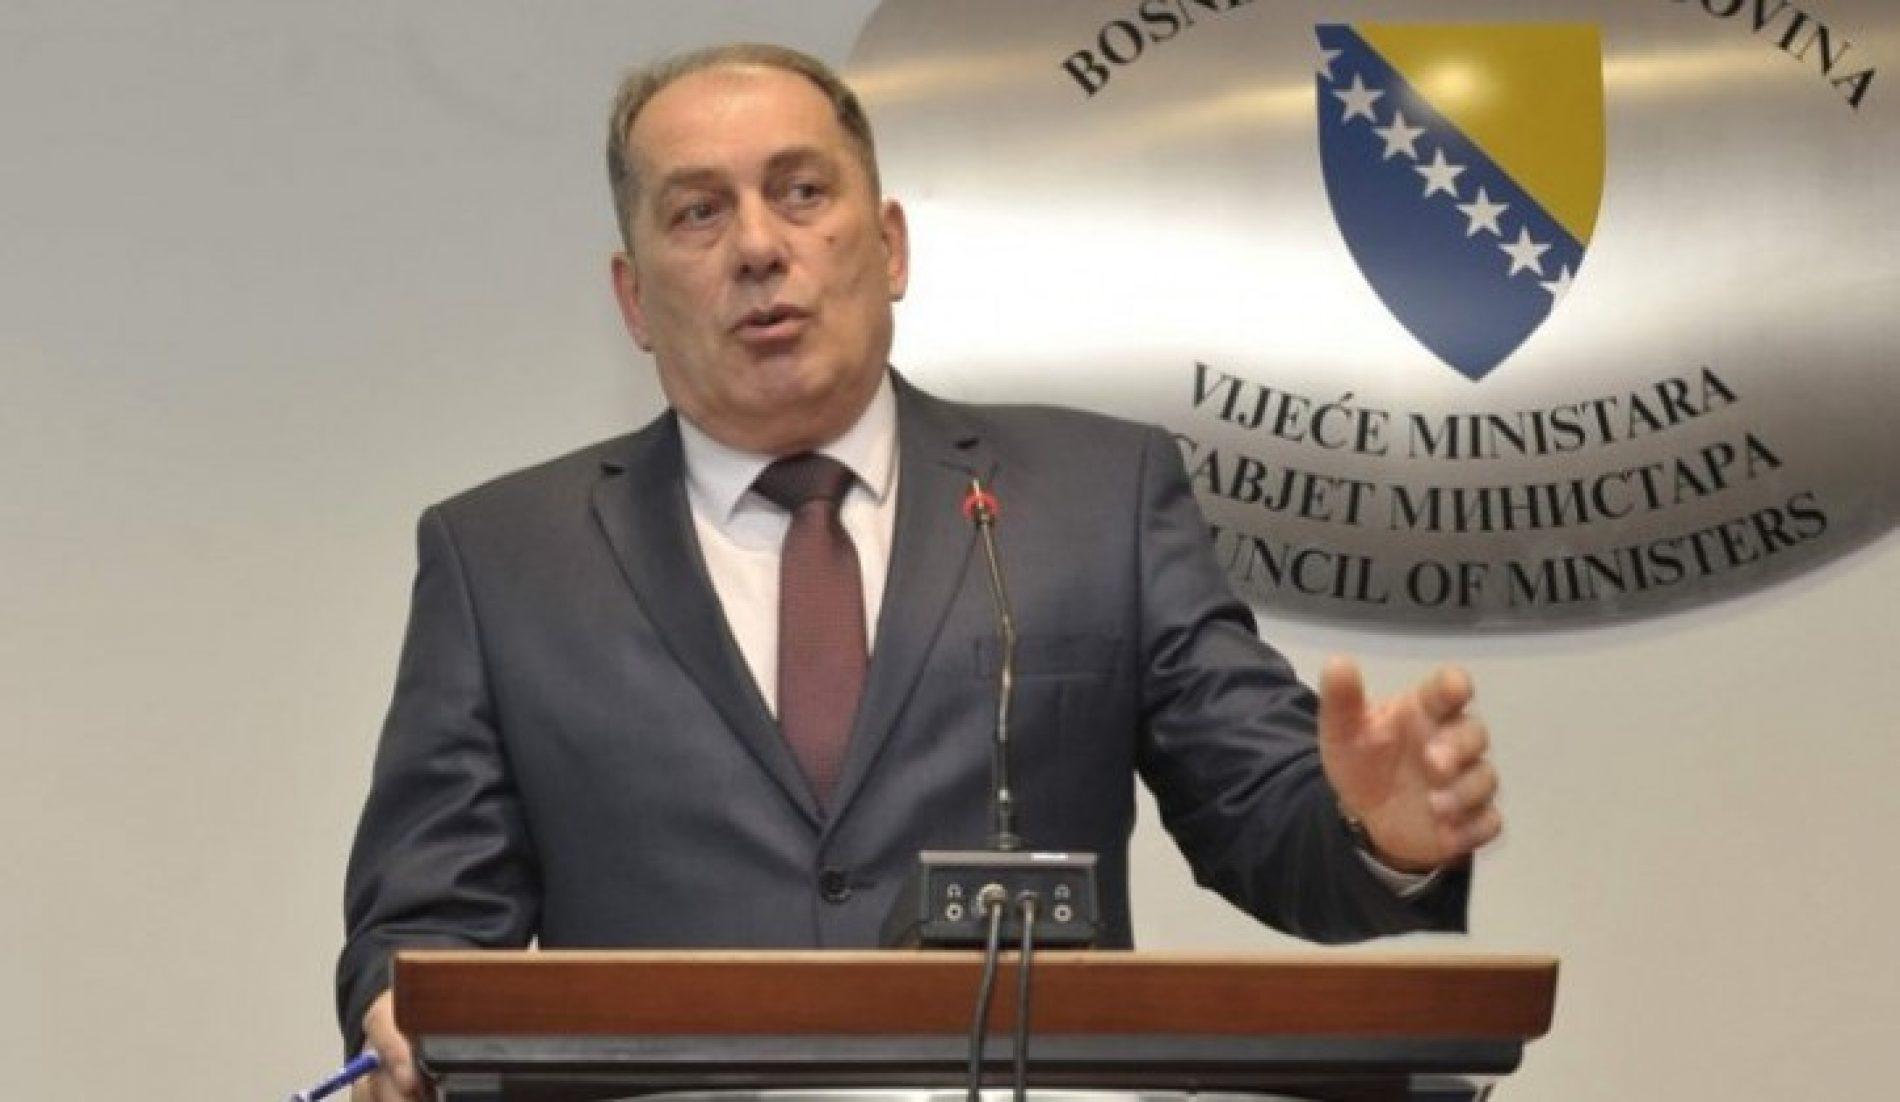 Državni ministar sigurnosti: 'Ovdje je nekome ujutro kafa gorka ako nije bilo terorizma'